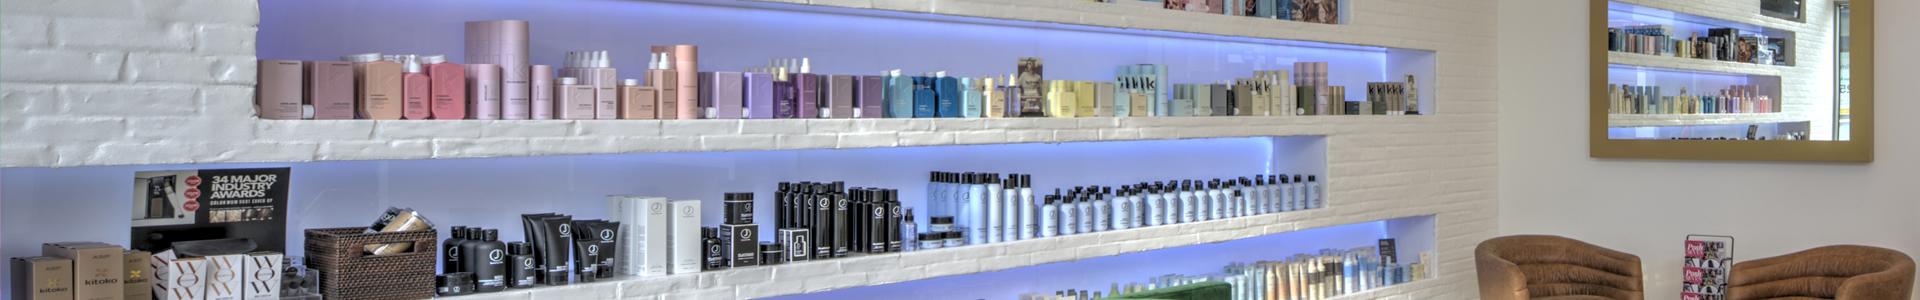 Products Current Salon Color Bar Hair Salon In Ashburn Va